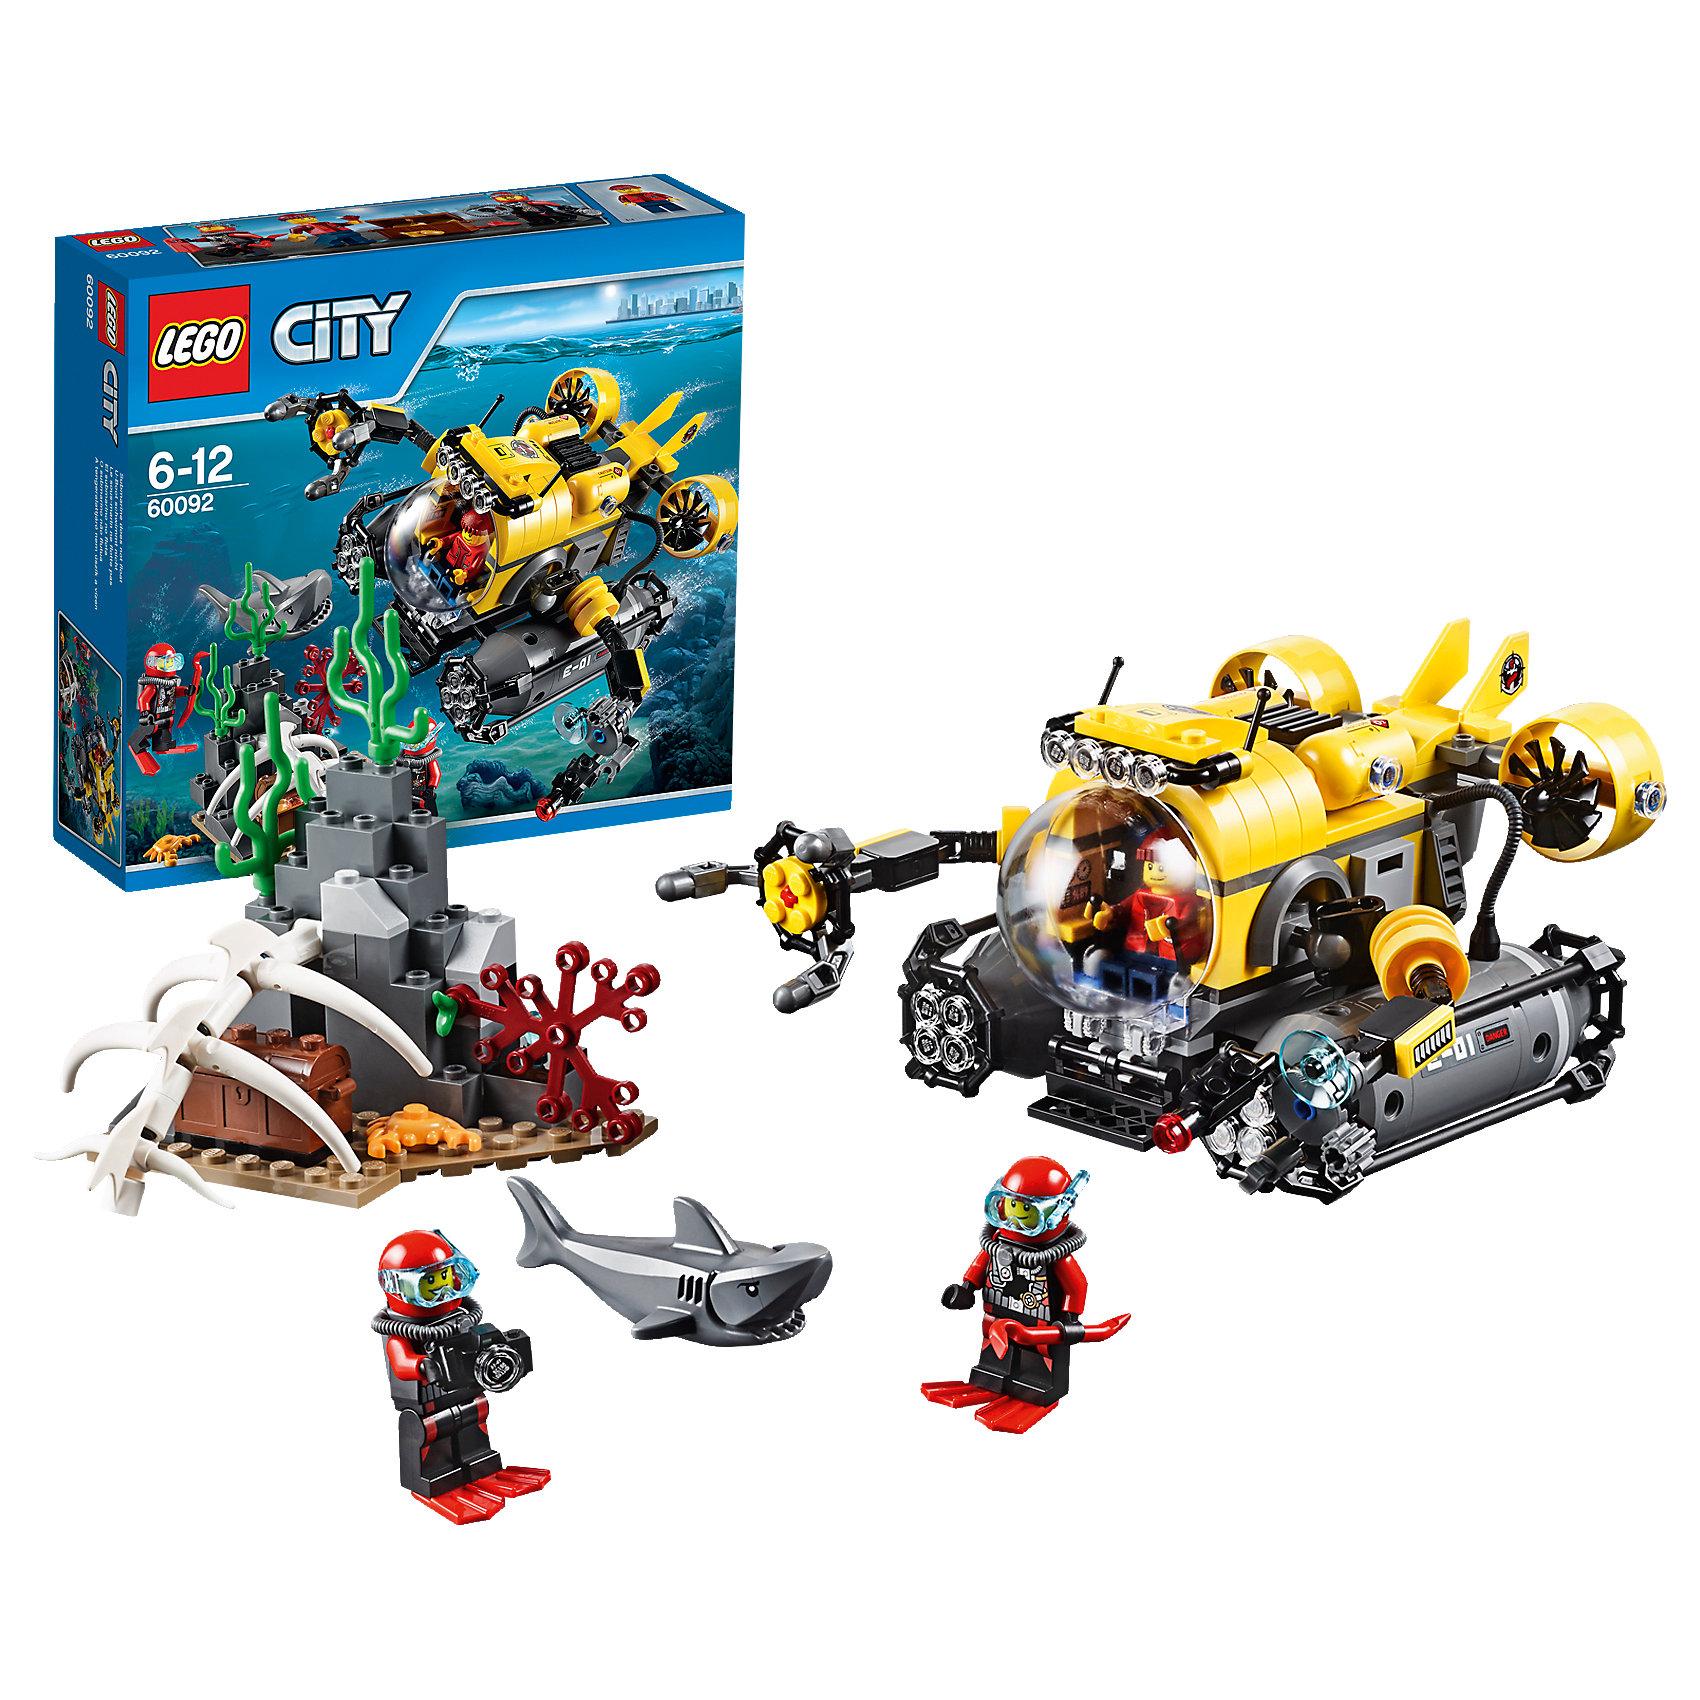 LEGO LEGO City 60092: Глубоководная подводная лодка lego city 60110 лего город пожарная часть